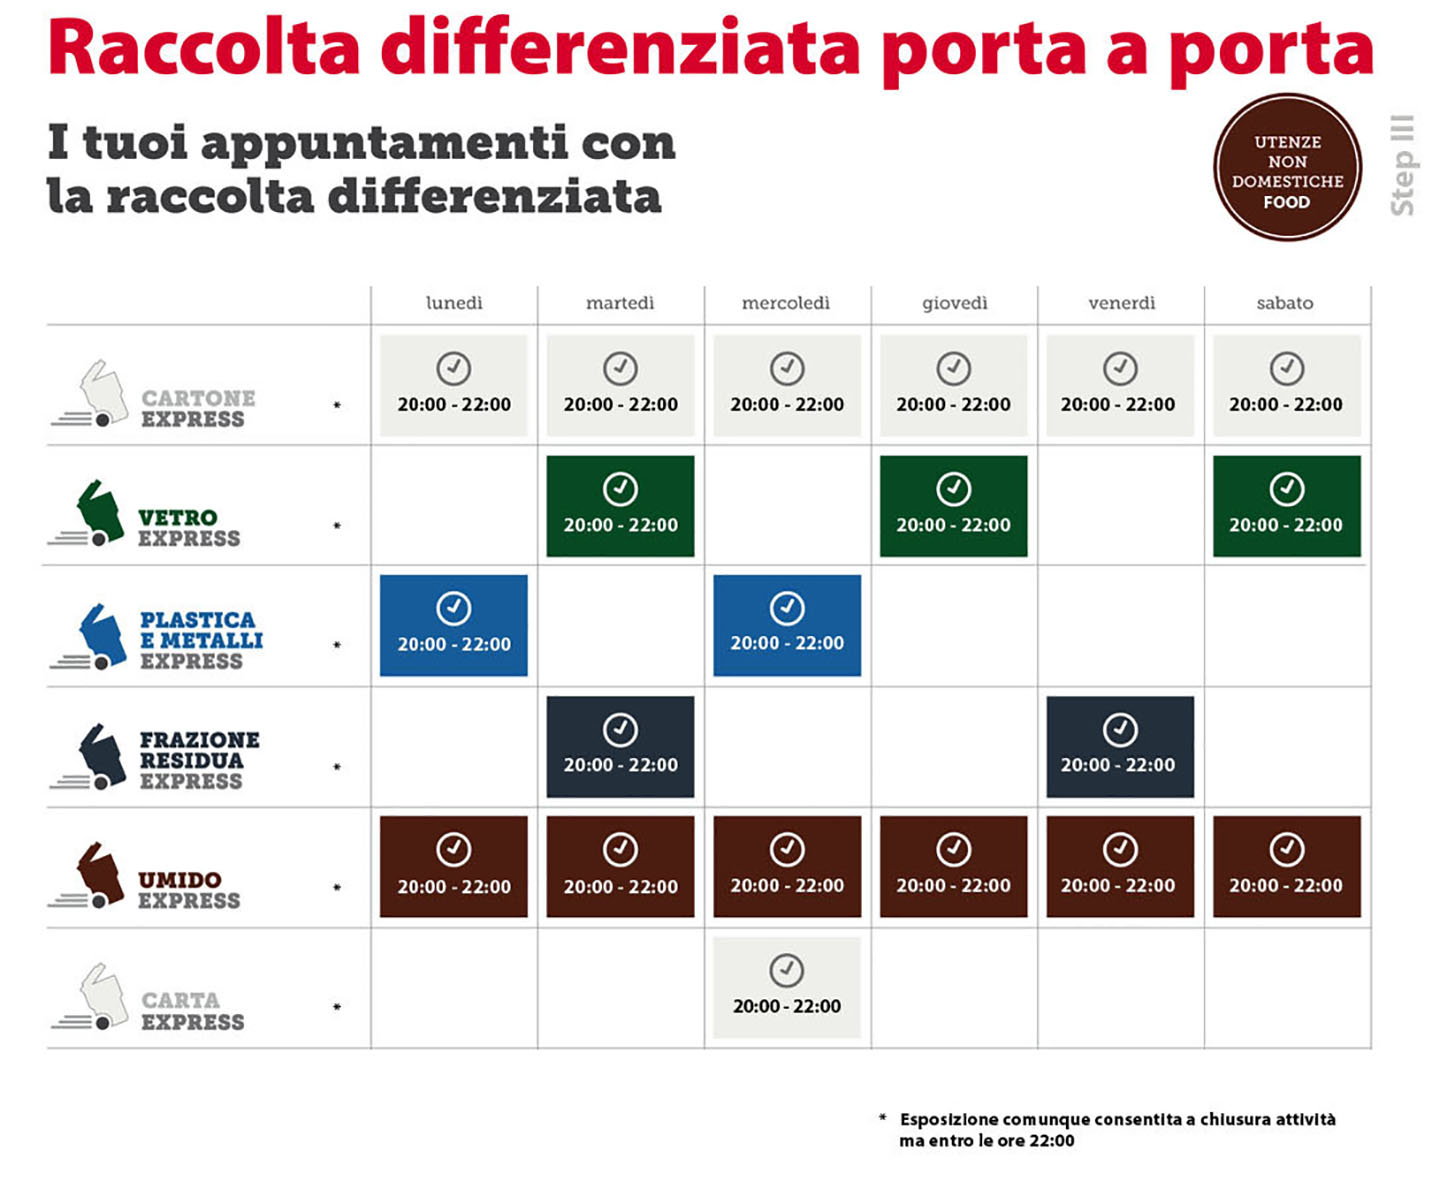 Raccolta Differenziata Palermo Calendario.Come E Quando I Calendari Per Palermo Differenzia 2 Step3